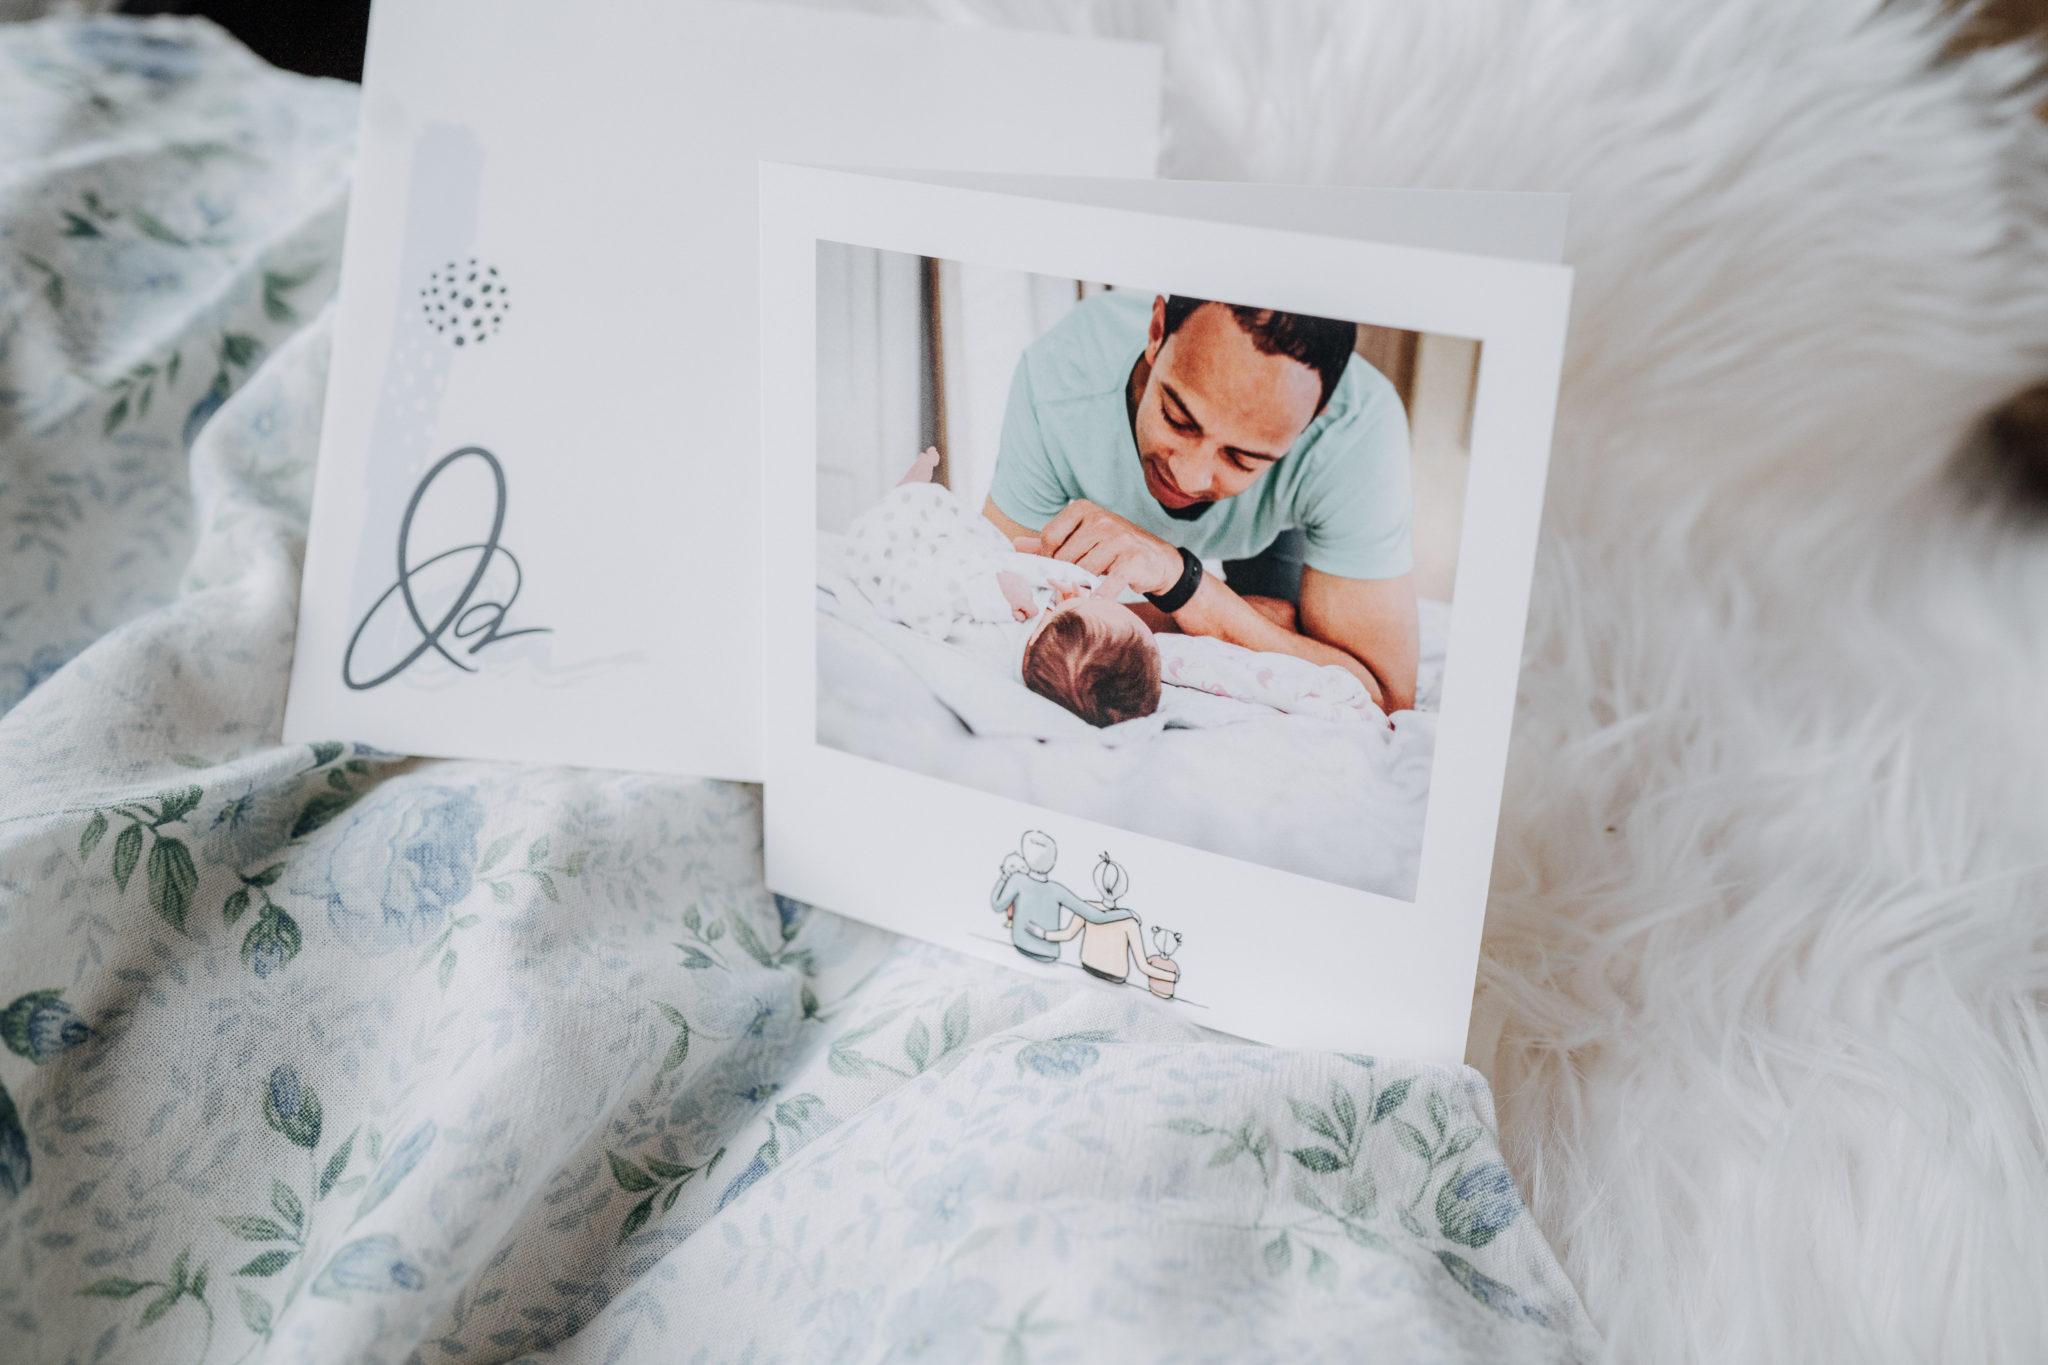 faire-part avec papa et bebe pose sur tissus